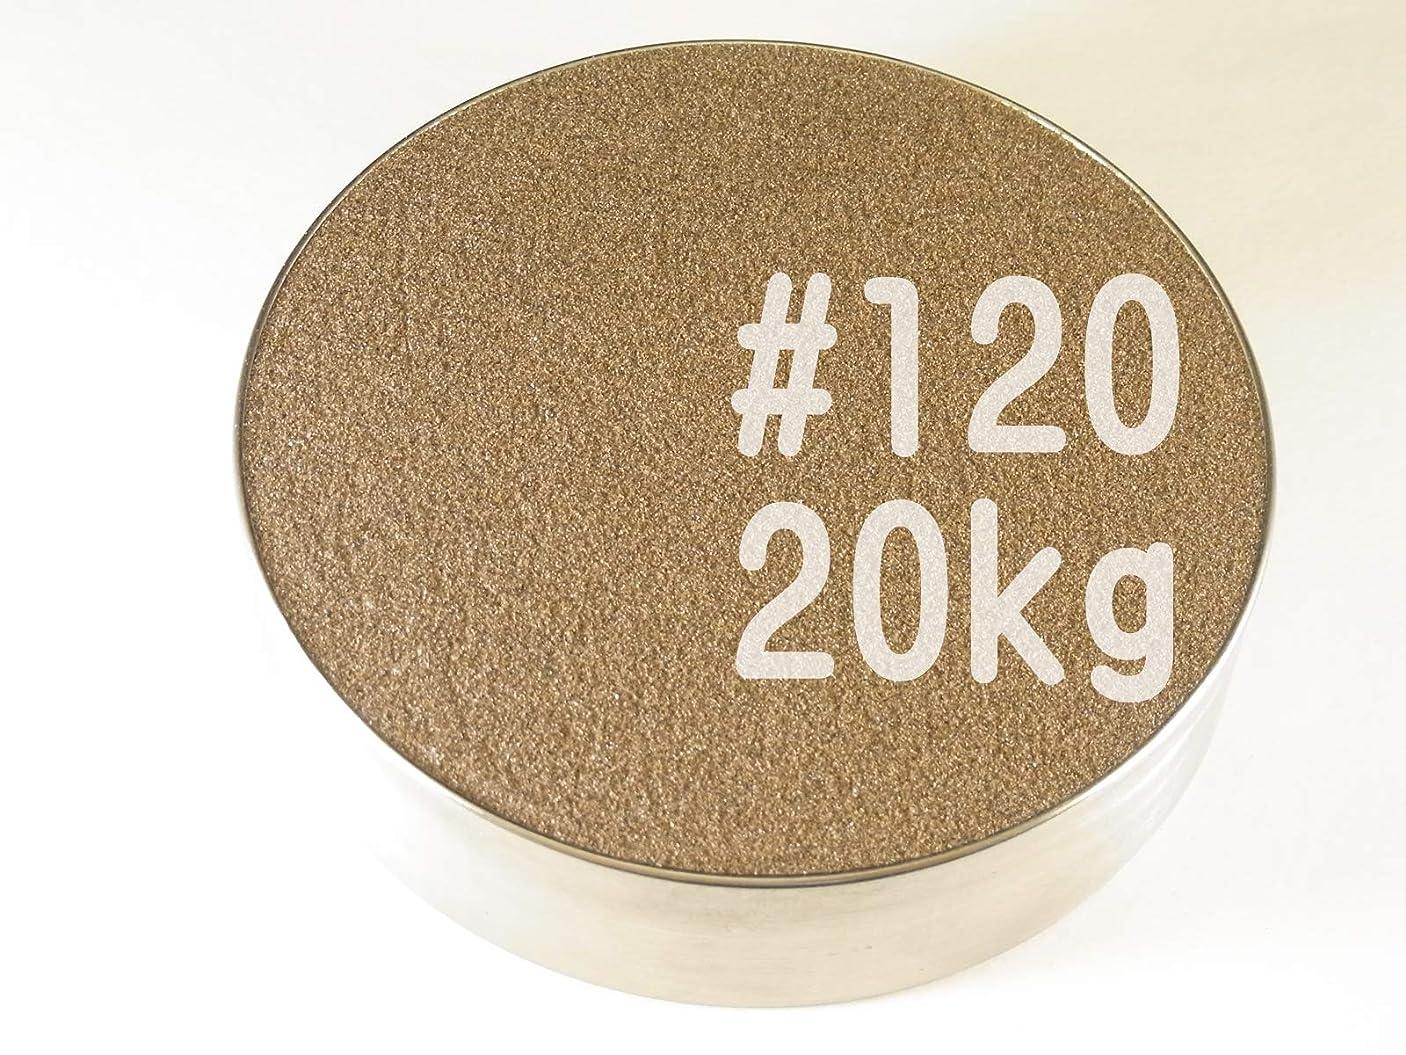 億たぶん準拠#120 (20kg) アルミナサンド/アルミナメディア/砂/褐色アルミナ サンドブラスト用(番手サイズは7種類から #40#60#80#100#120#180#220 )